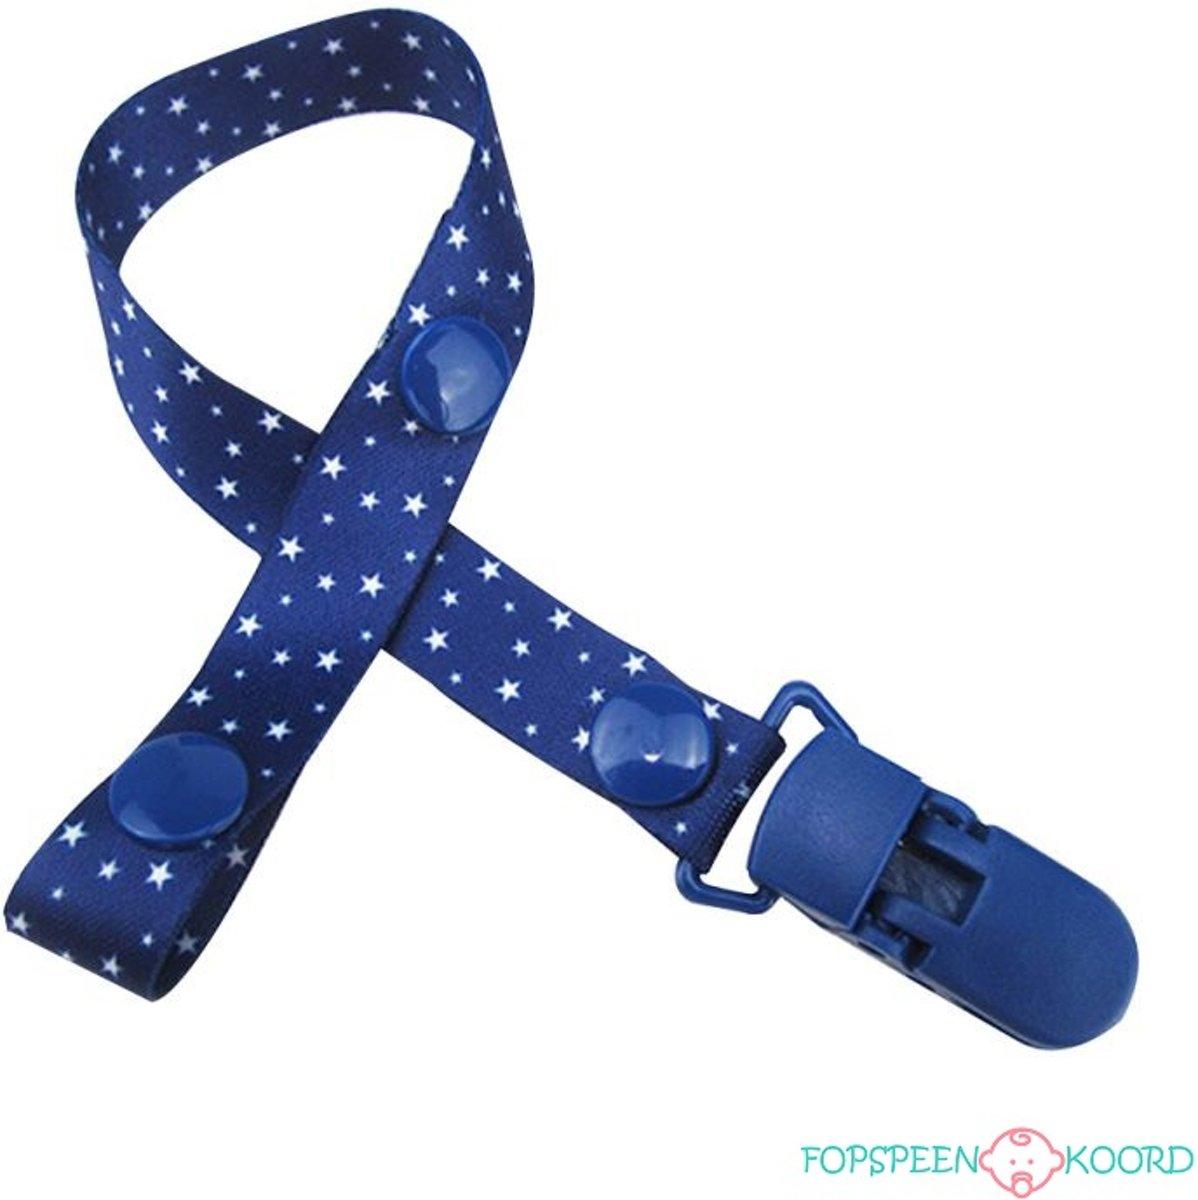 Fopspeenkoord blauw met witte sterren | Little Stars kopen